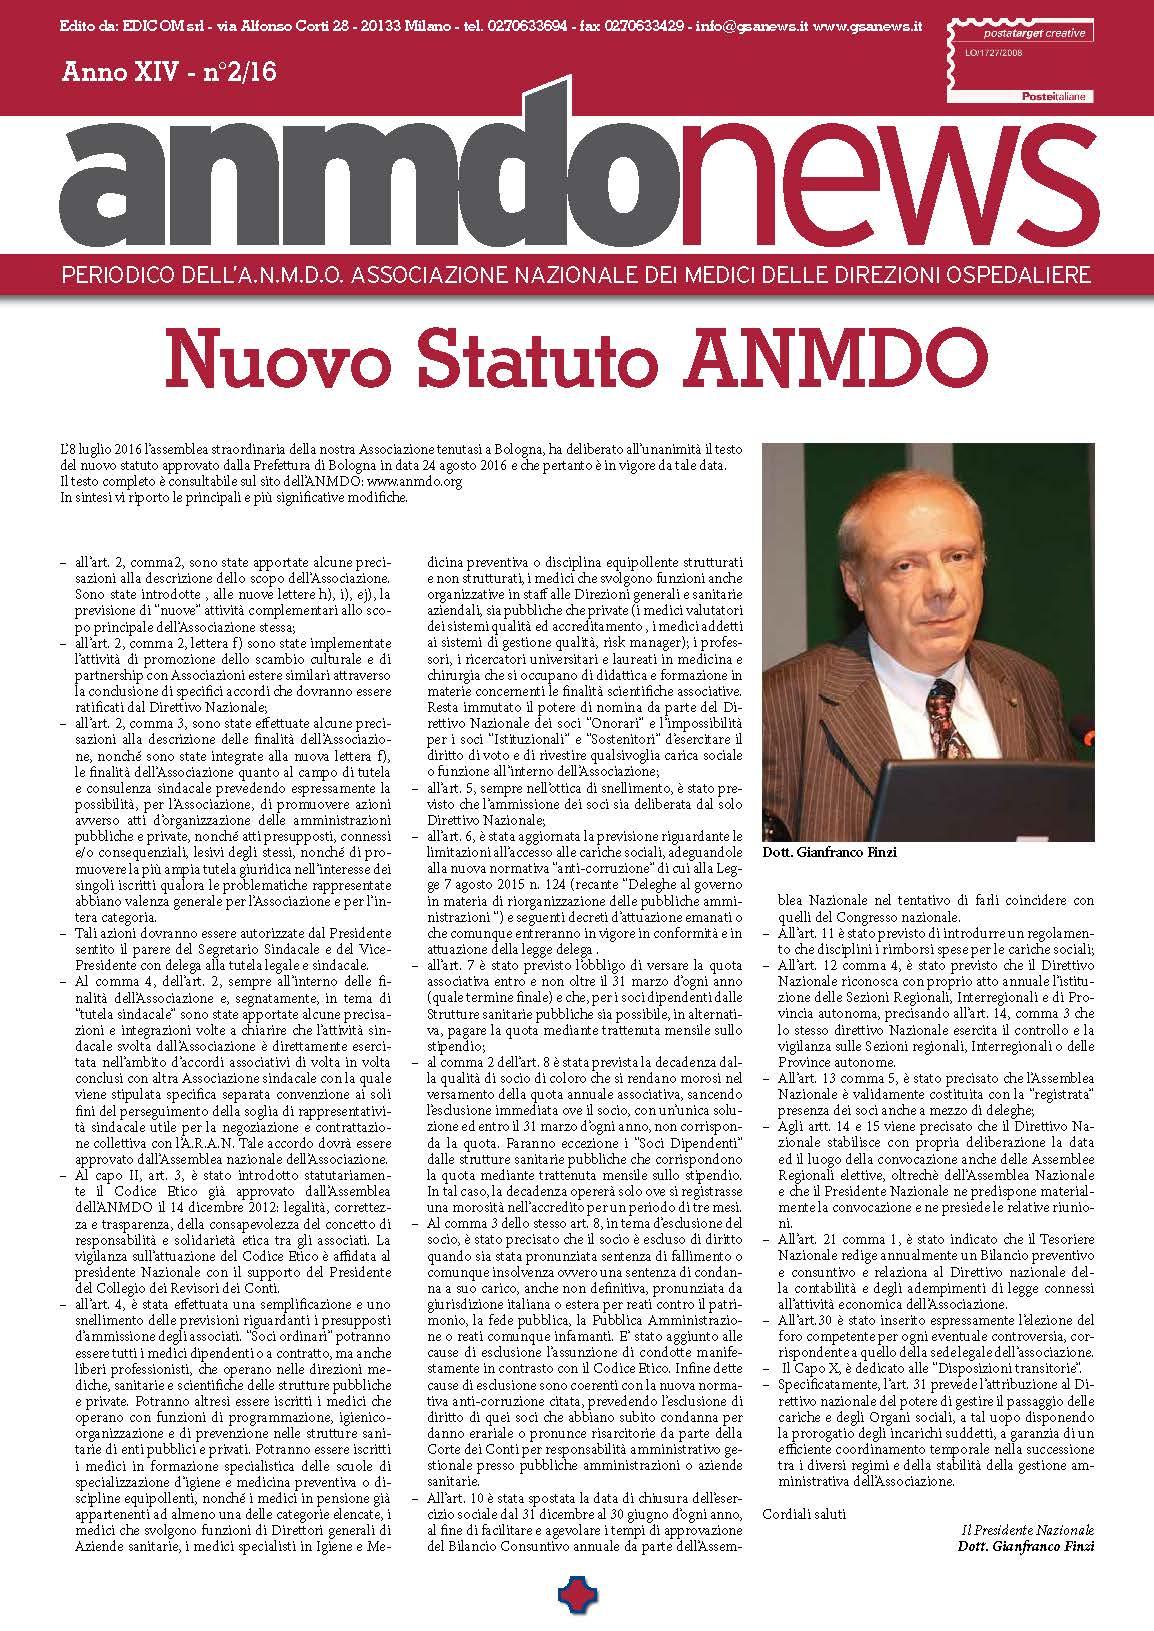 pagine-da-anmdonews_2_16